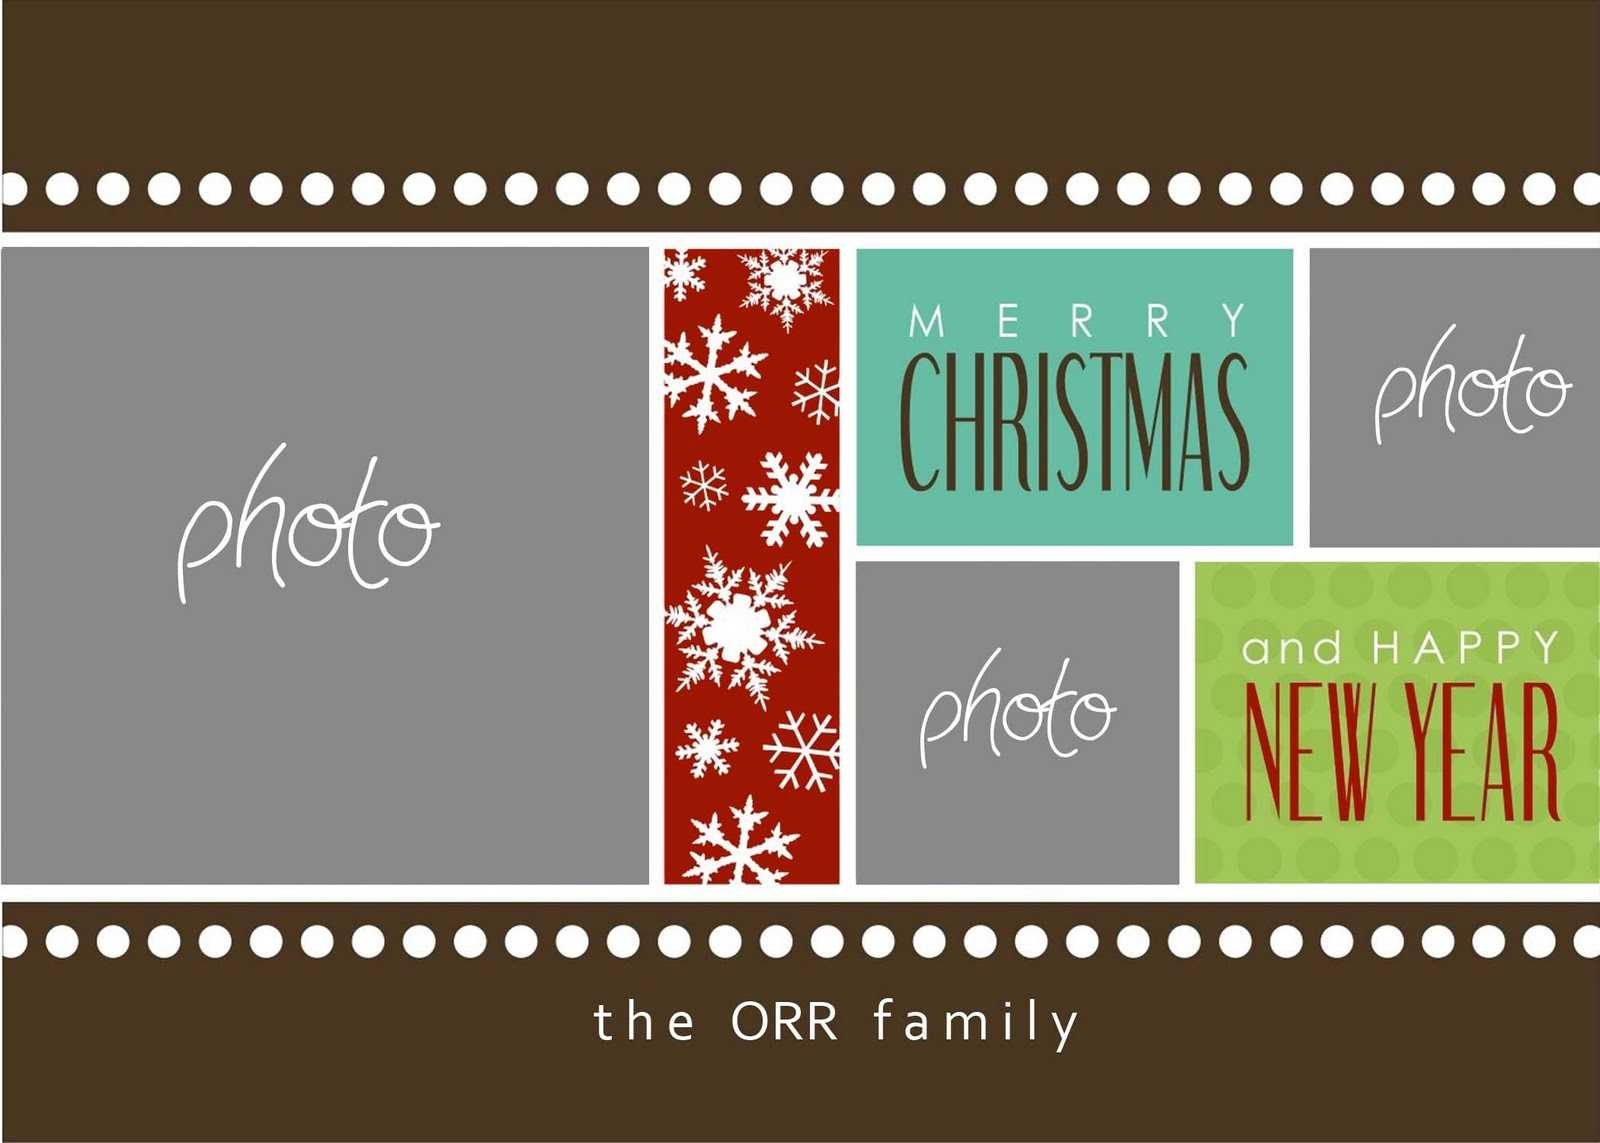 Christmas Cards Templates Photoshop ] - Christmas Card Intended For Christmas Photo Card Templates Photoshop